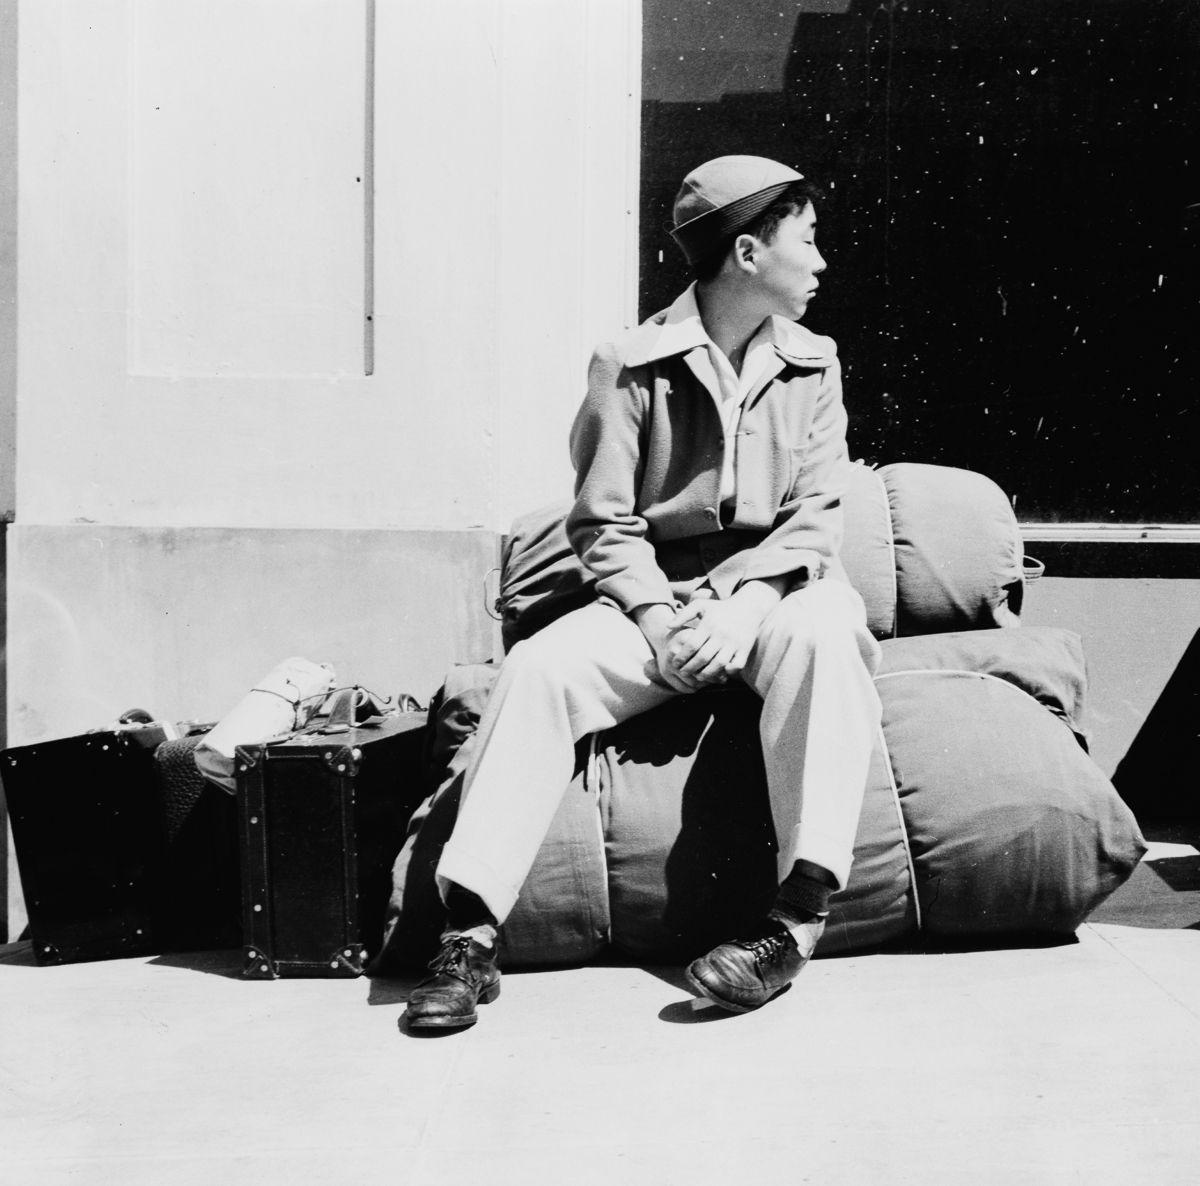 Cenas comoventes de nipo-americanos sendo levados para campos de concentração em 1942 13